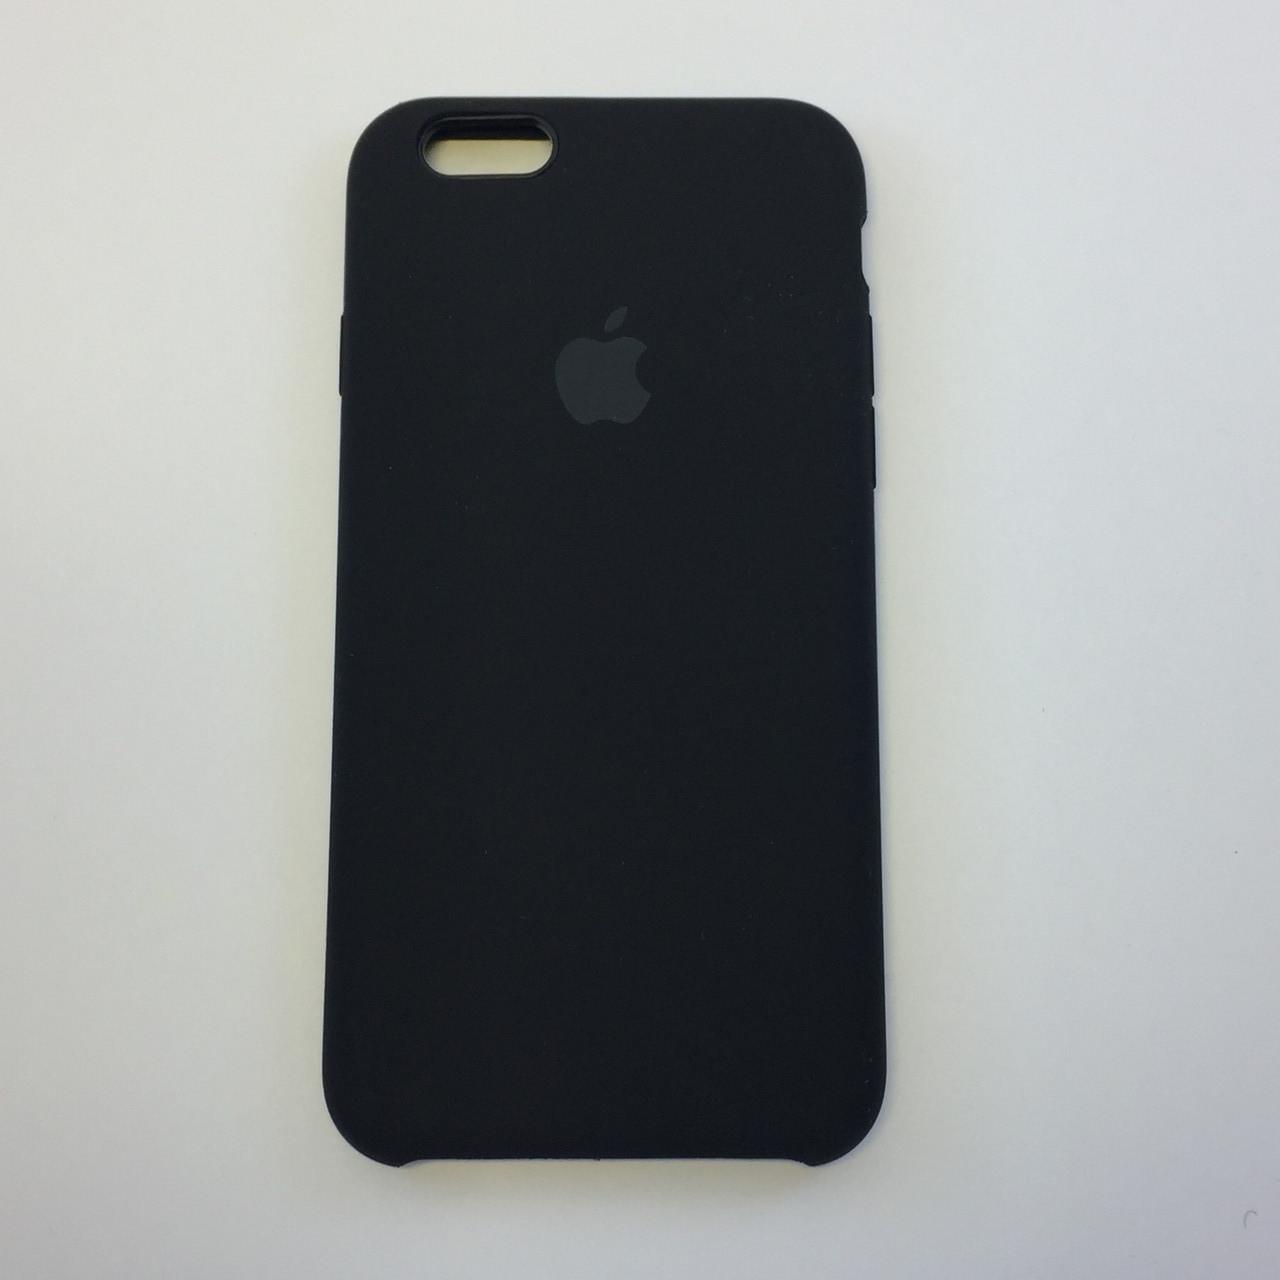 Силиконовый чехол для iPhone 6/6s, - «черный» - copy original